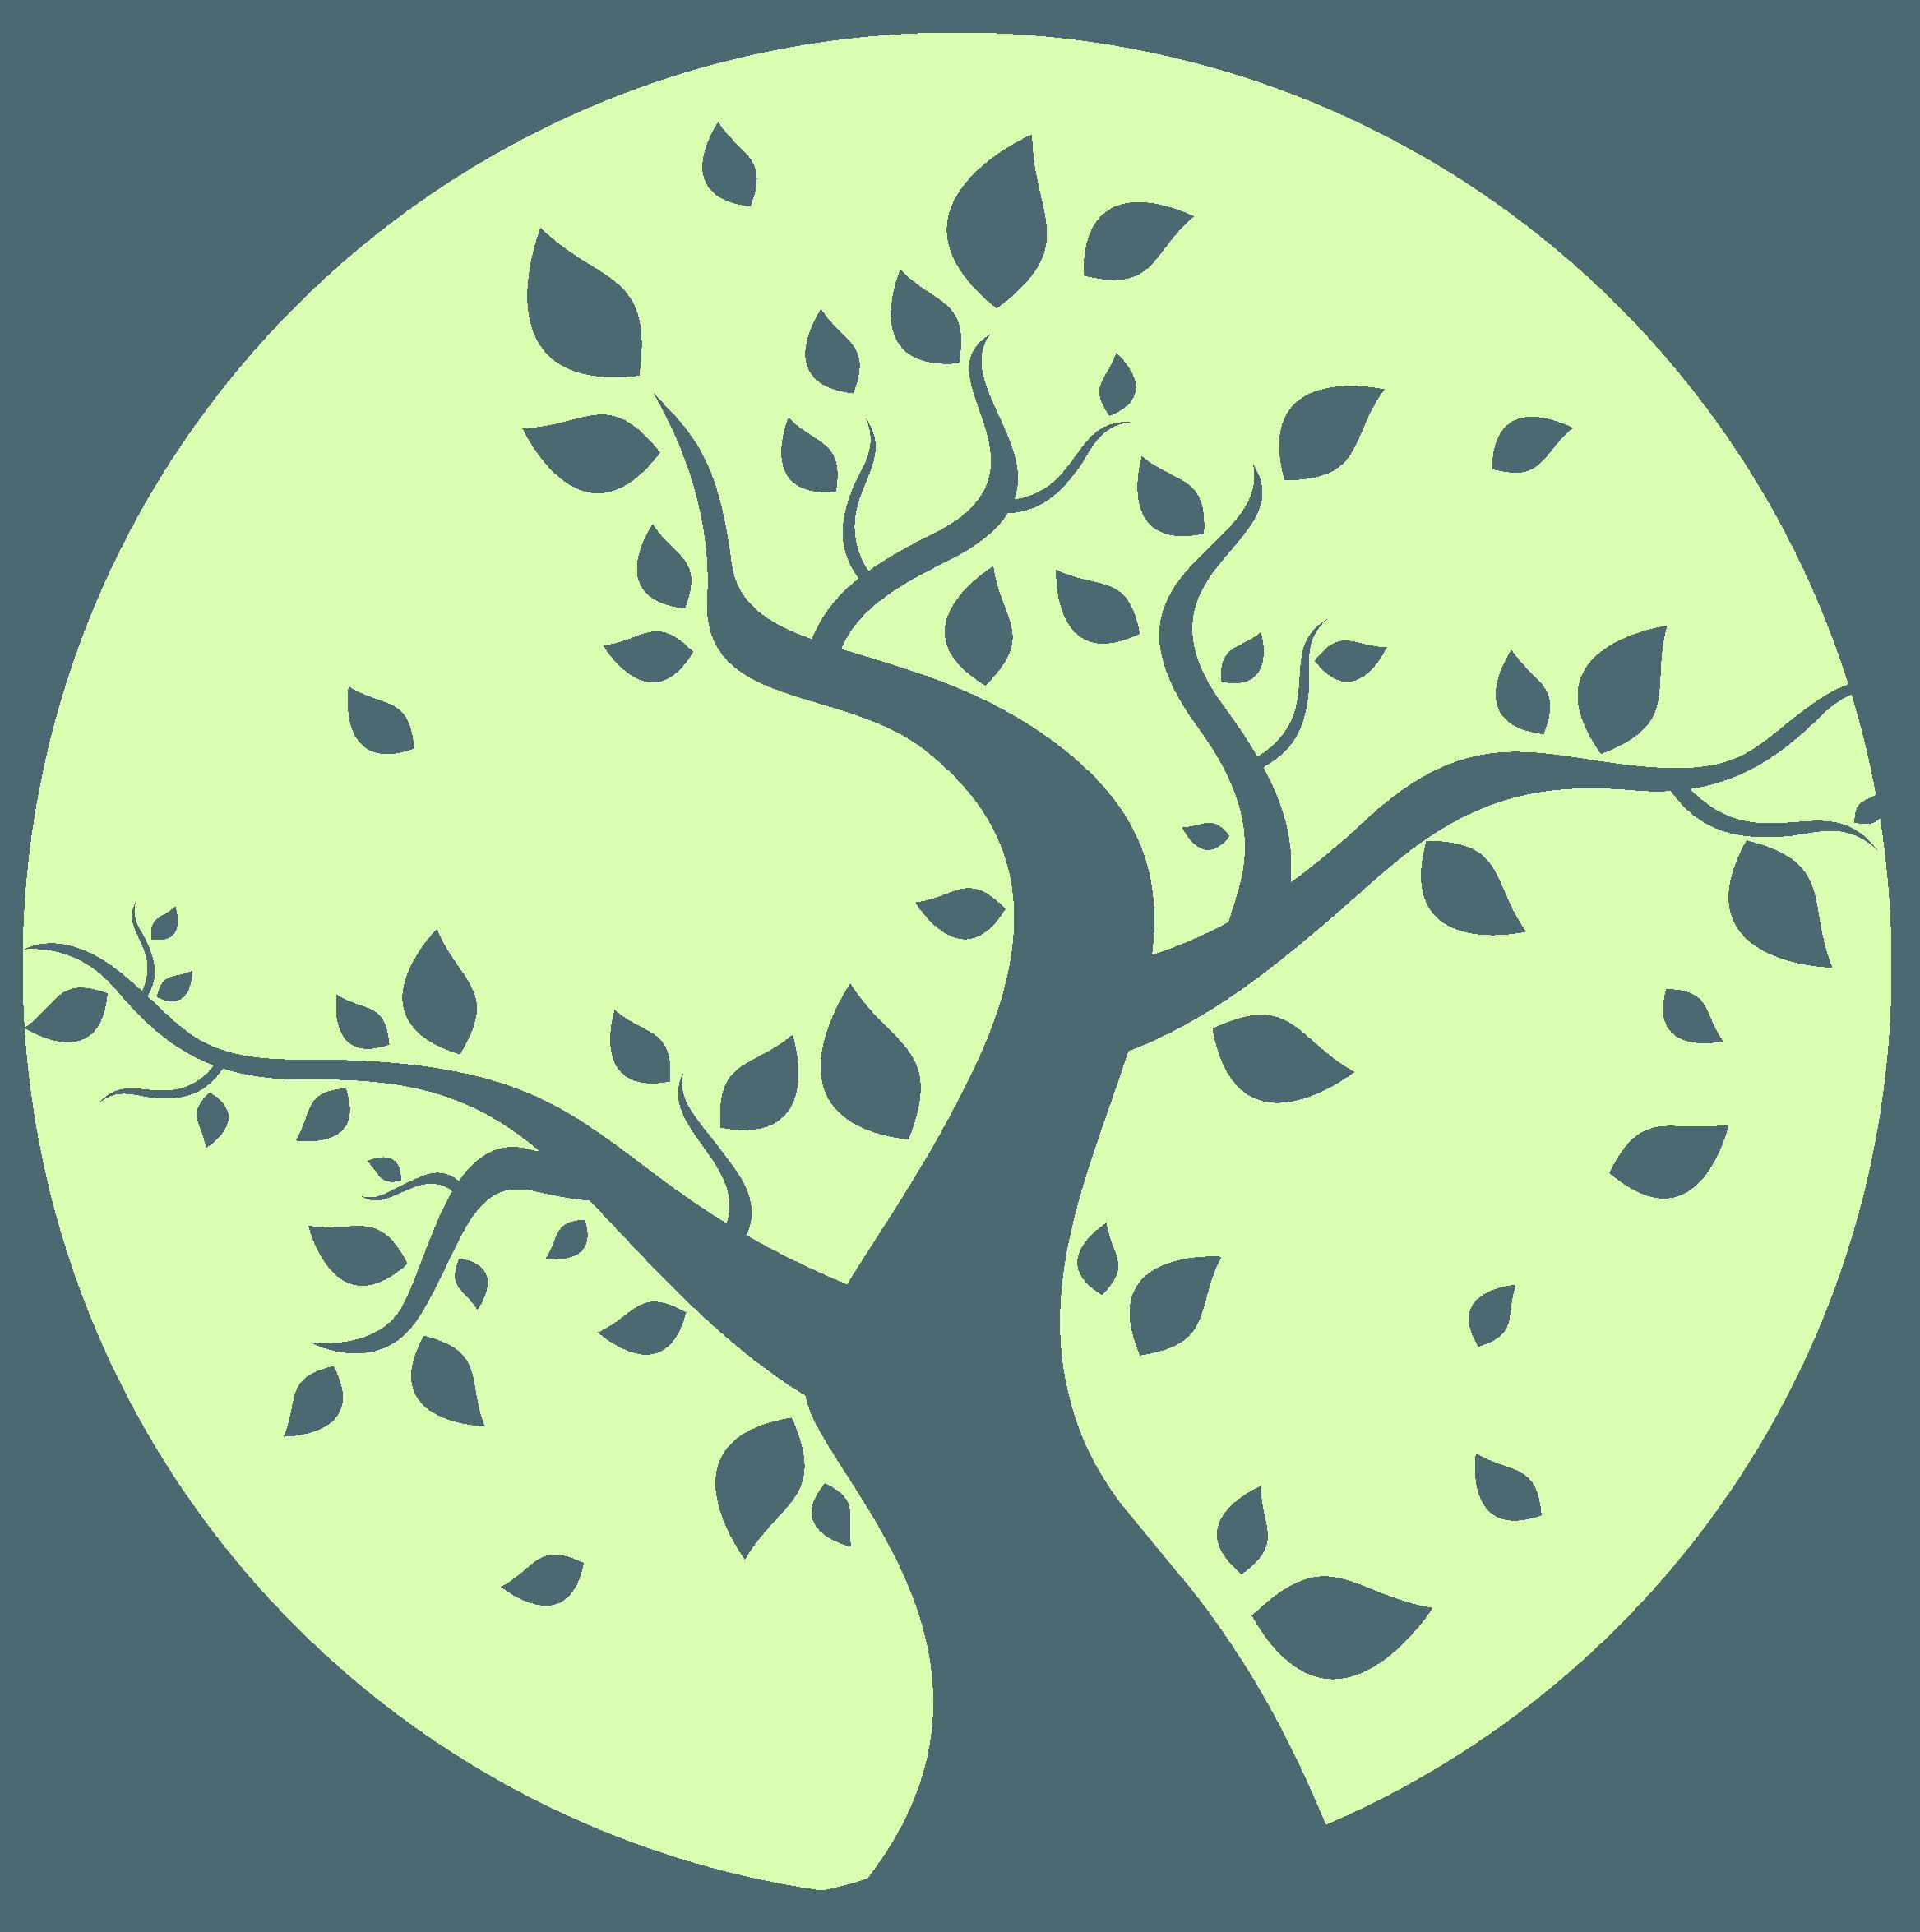 ee tree logo